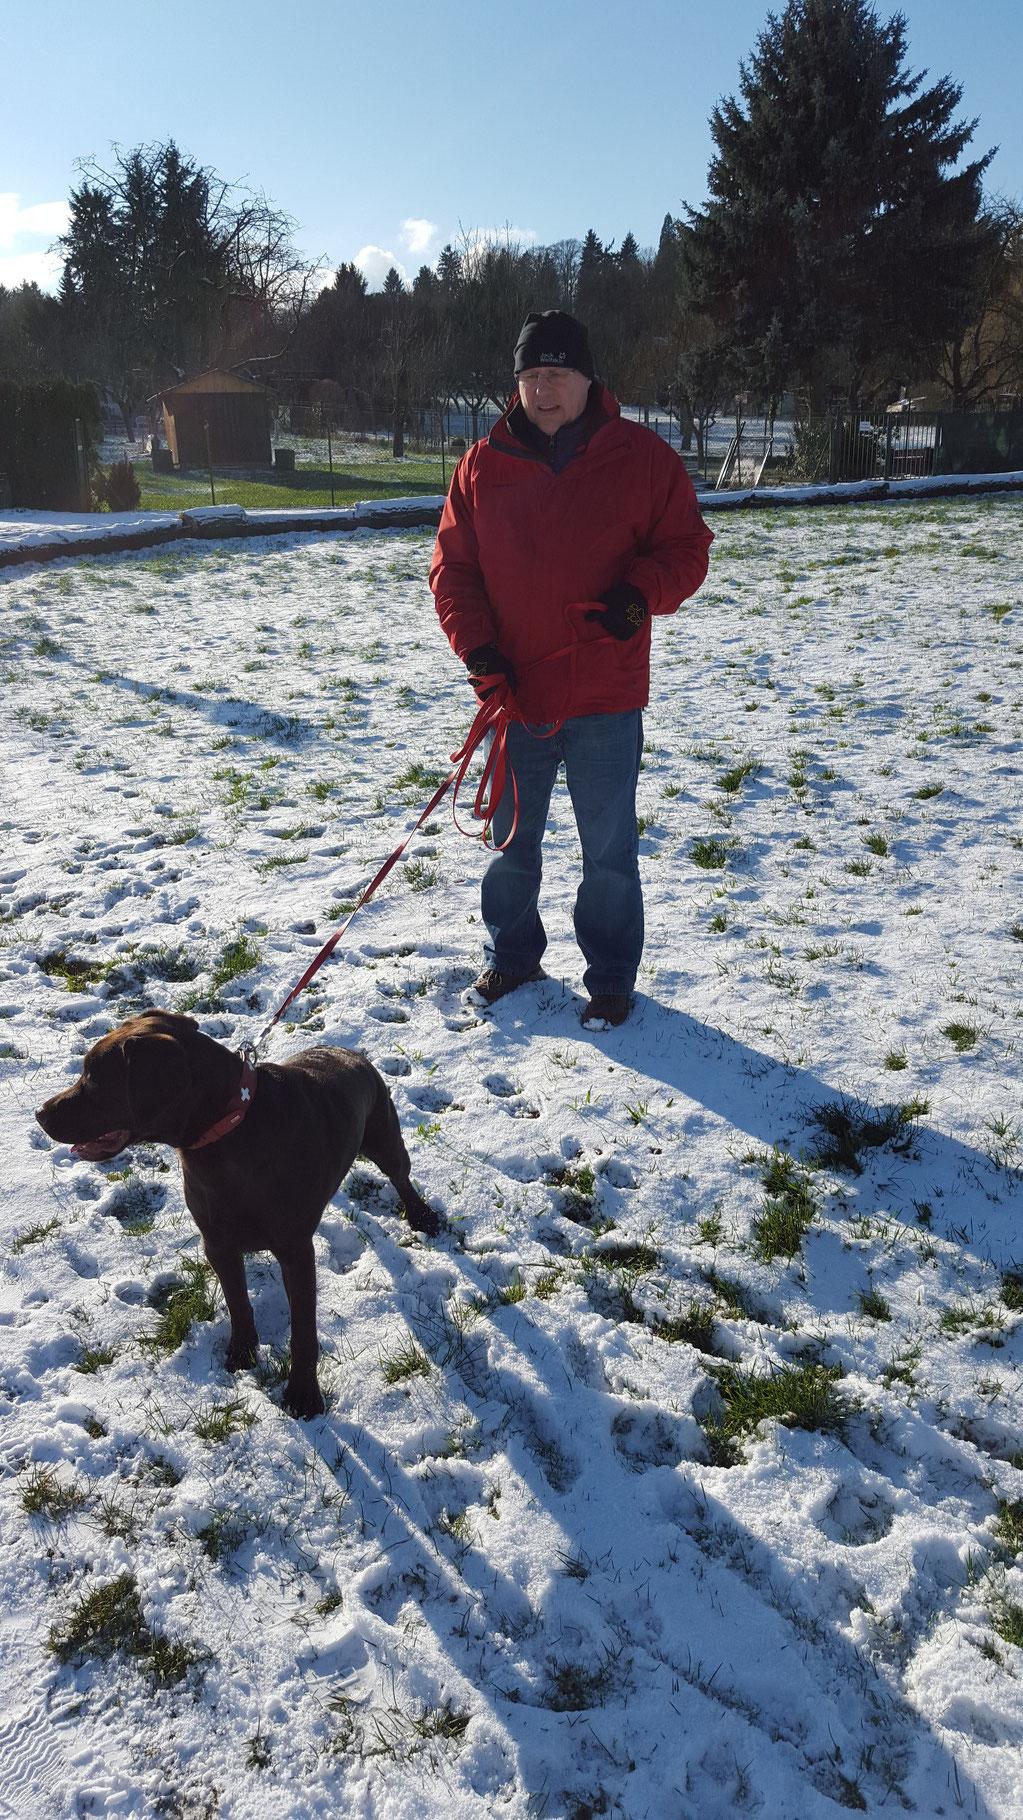 Spaziergang im Schnee...toll....